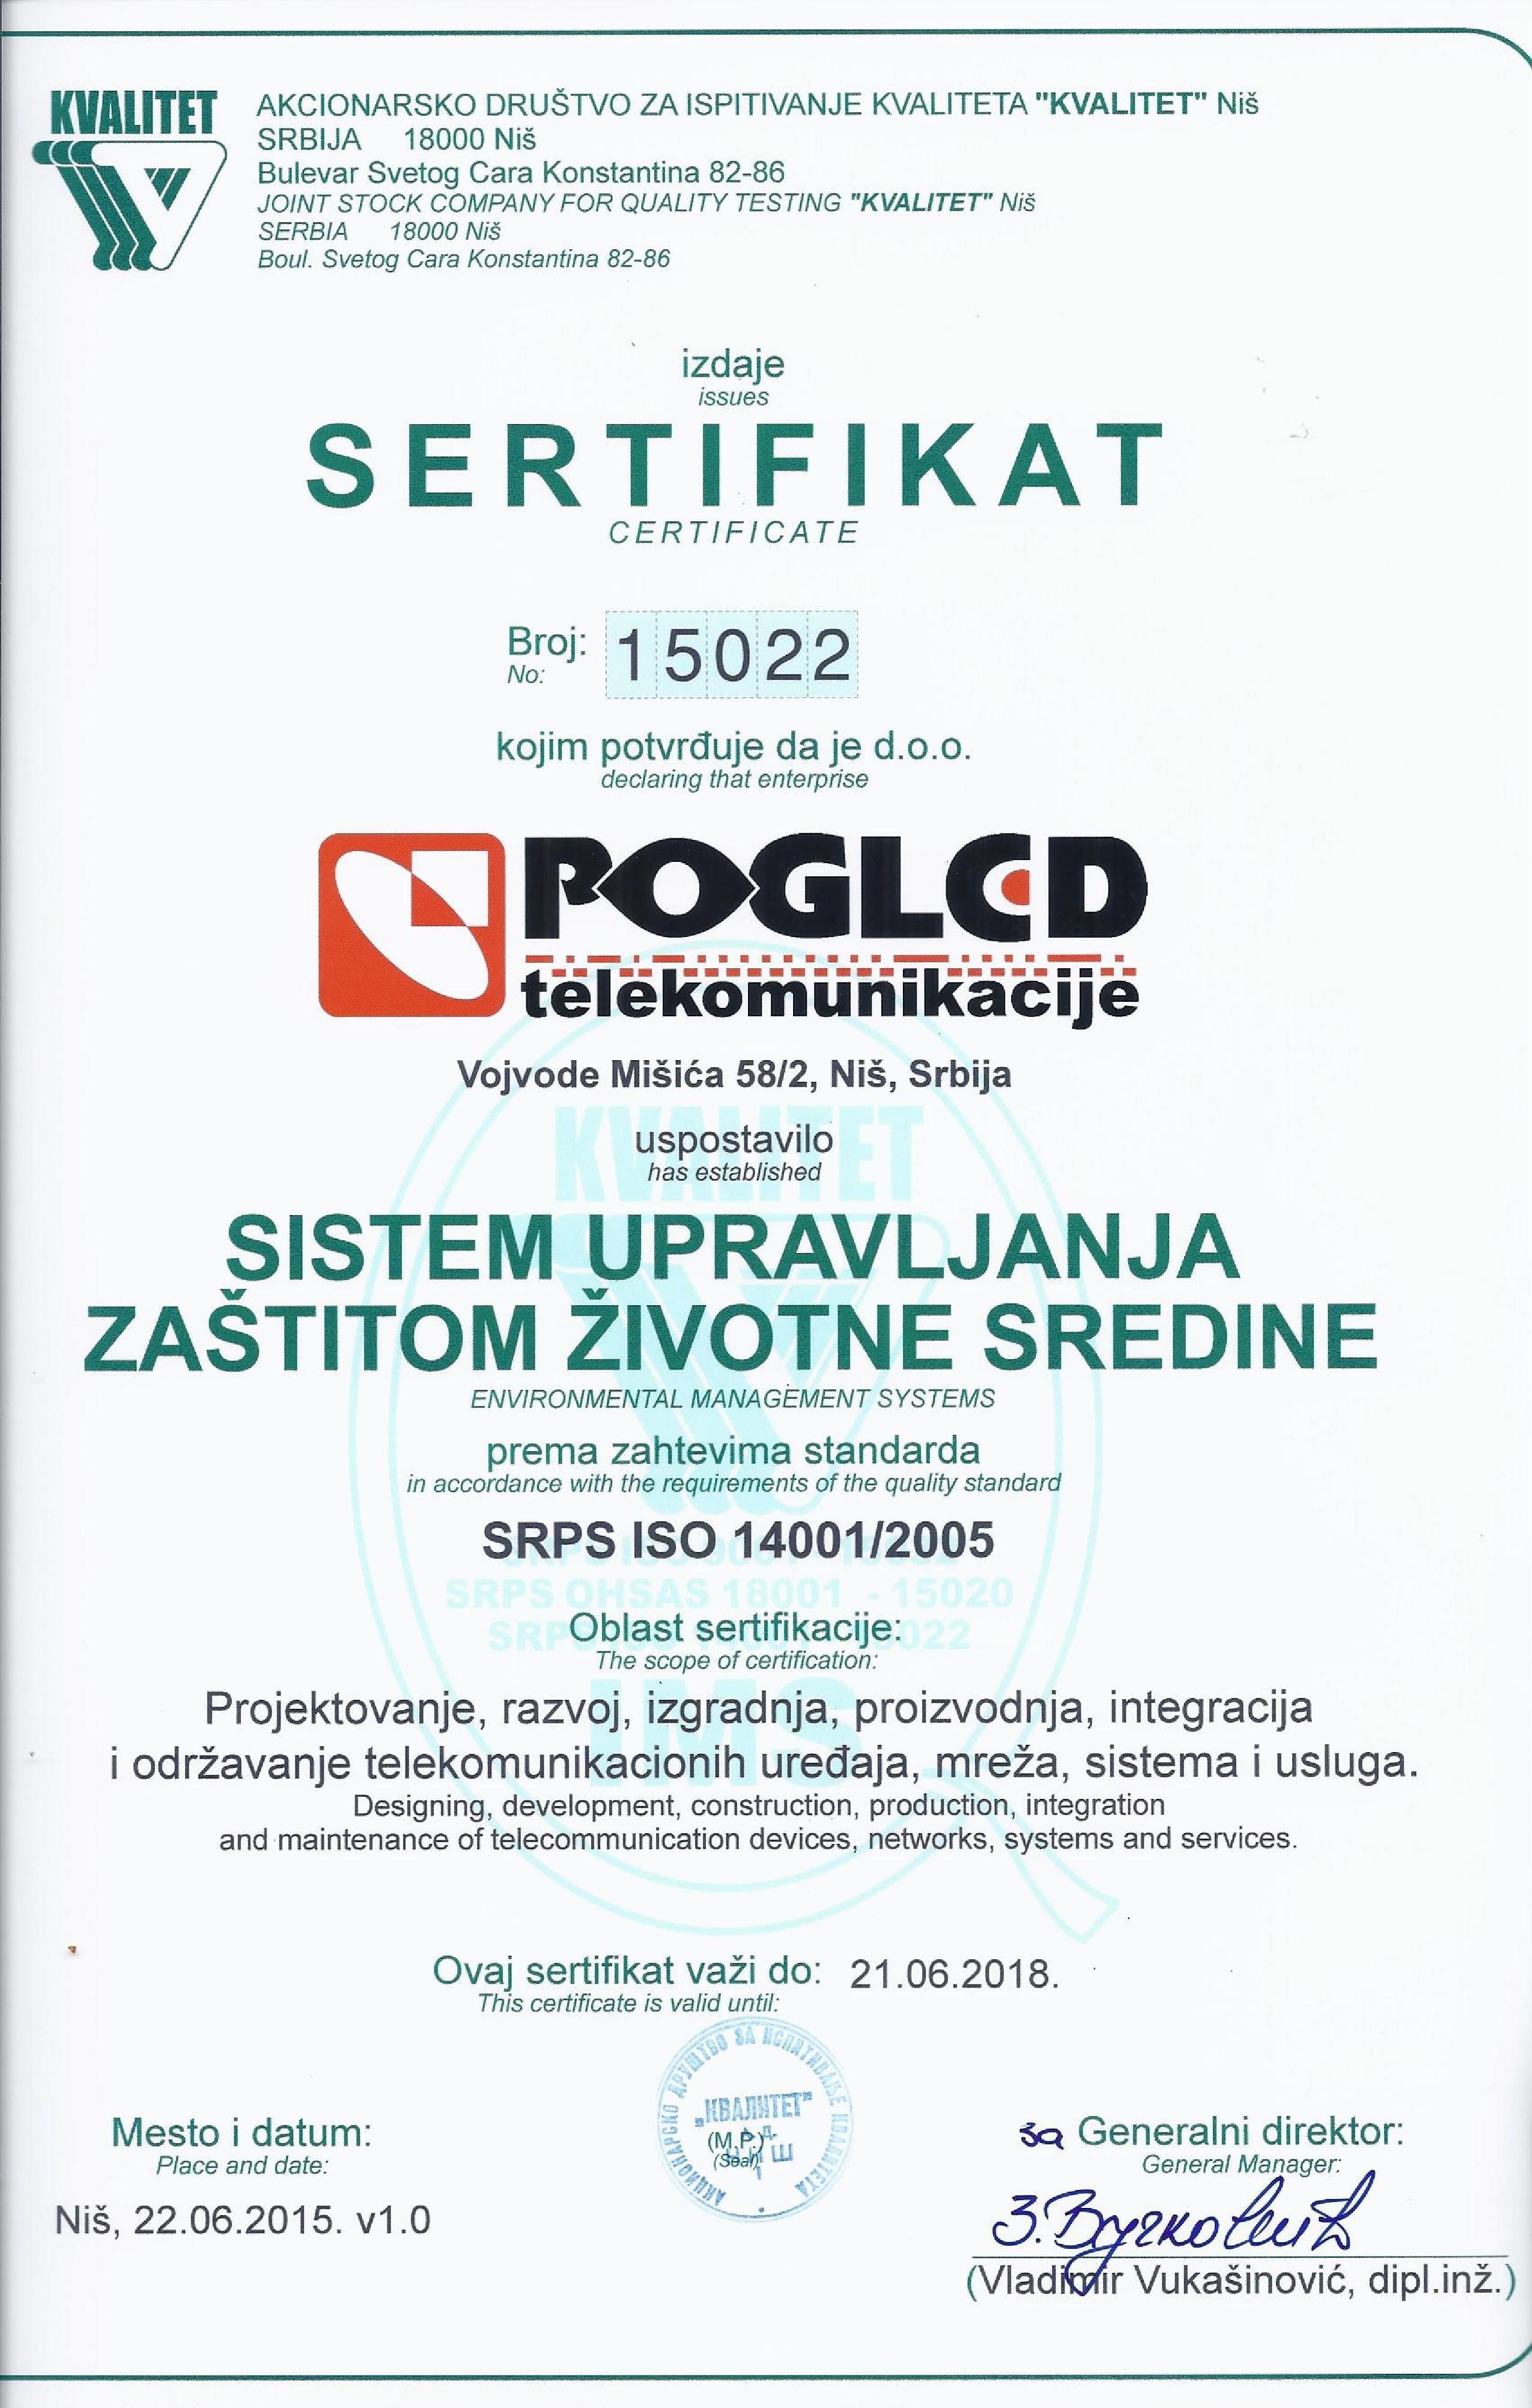 Sertifikat 14001